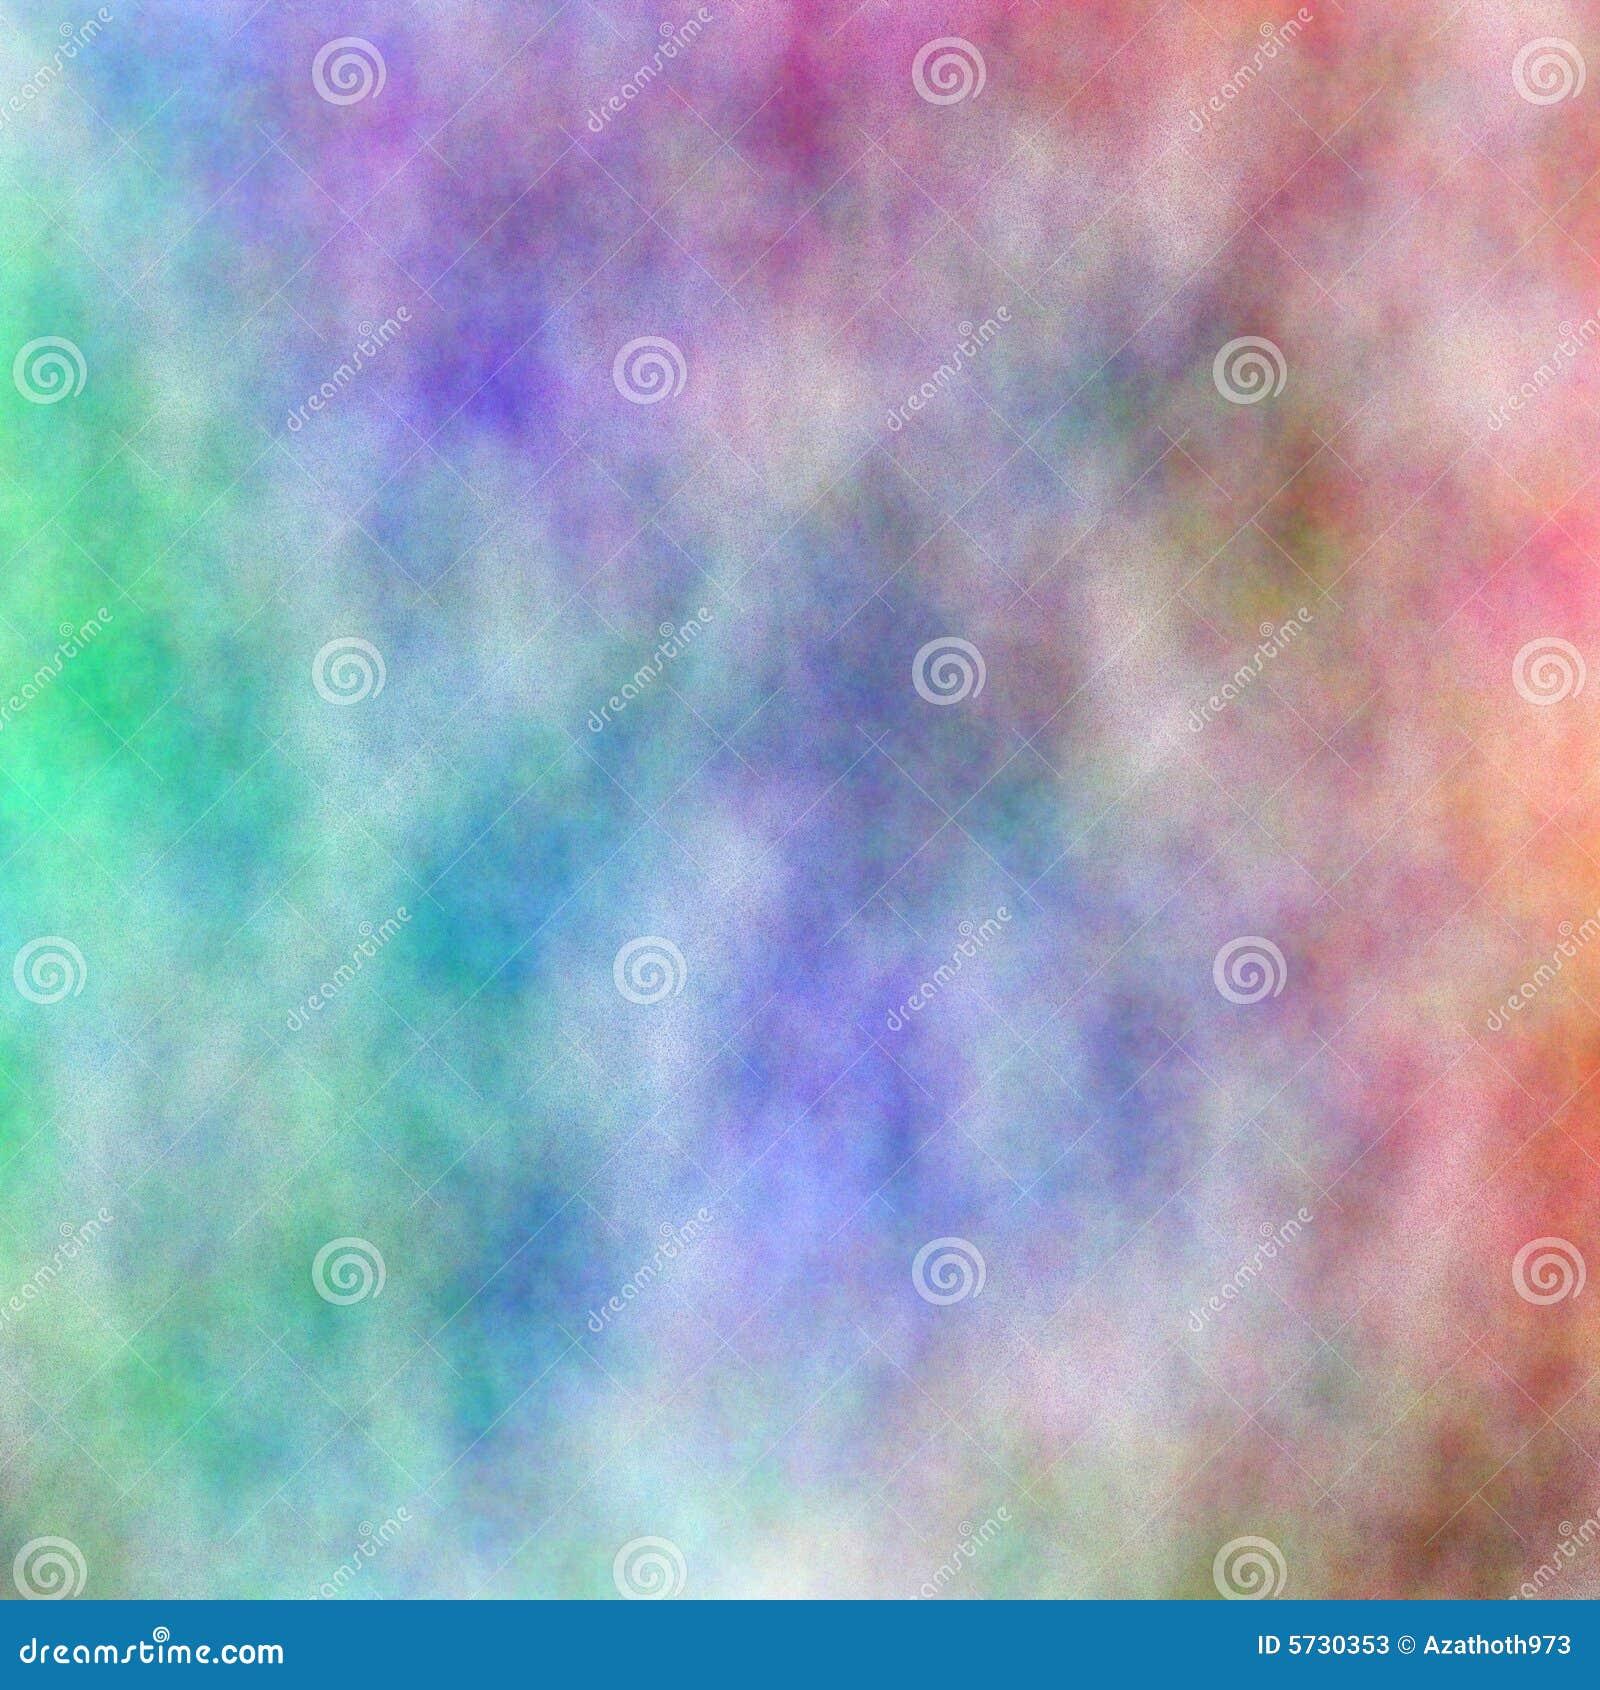 Papier peint th r psych d lique - Papier peint psychedelique ...